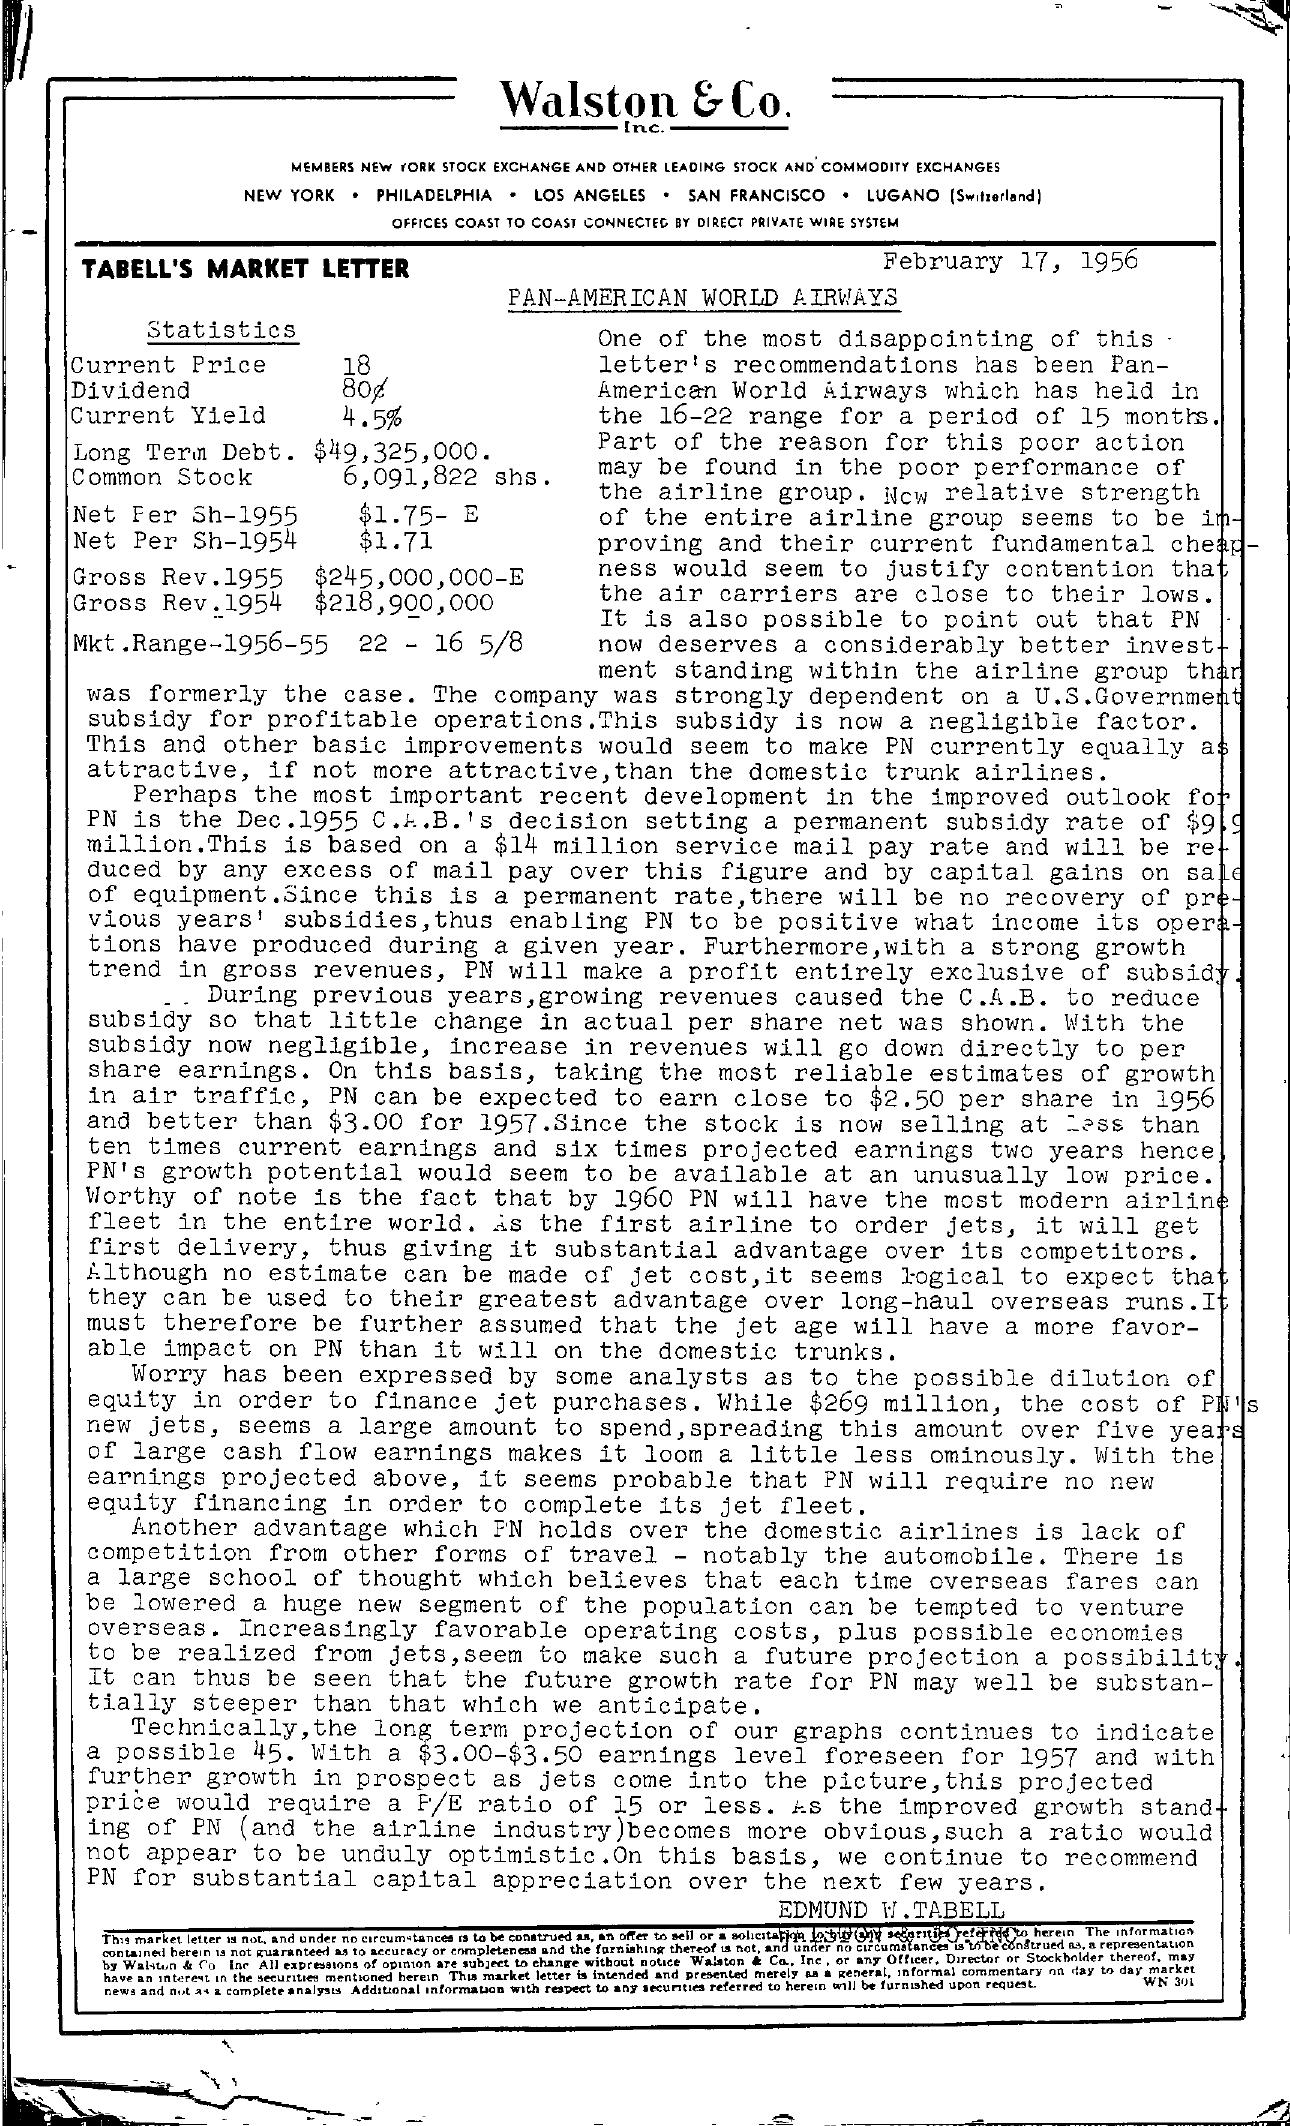 Tabell's Market Letter - February 17, 1956